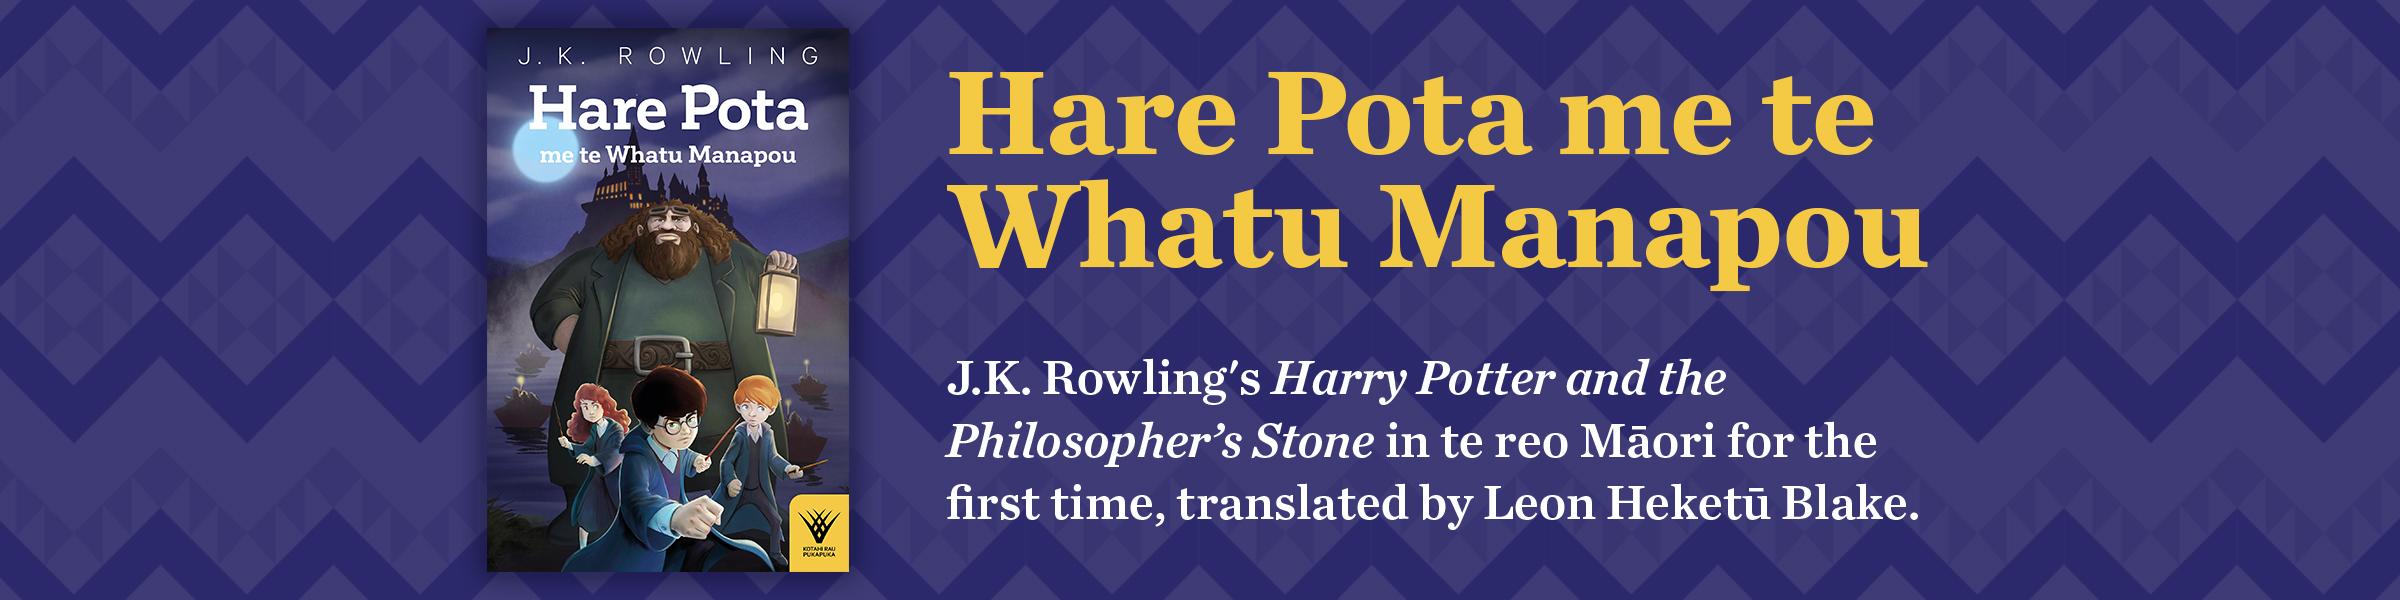 Hare Pota me te Whatu Manapou. Kotahi Rau Pukapuka 2